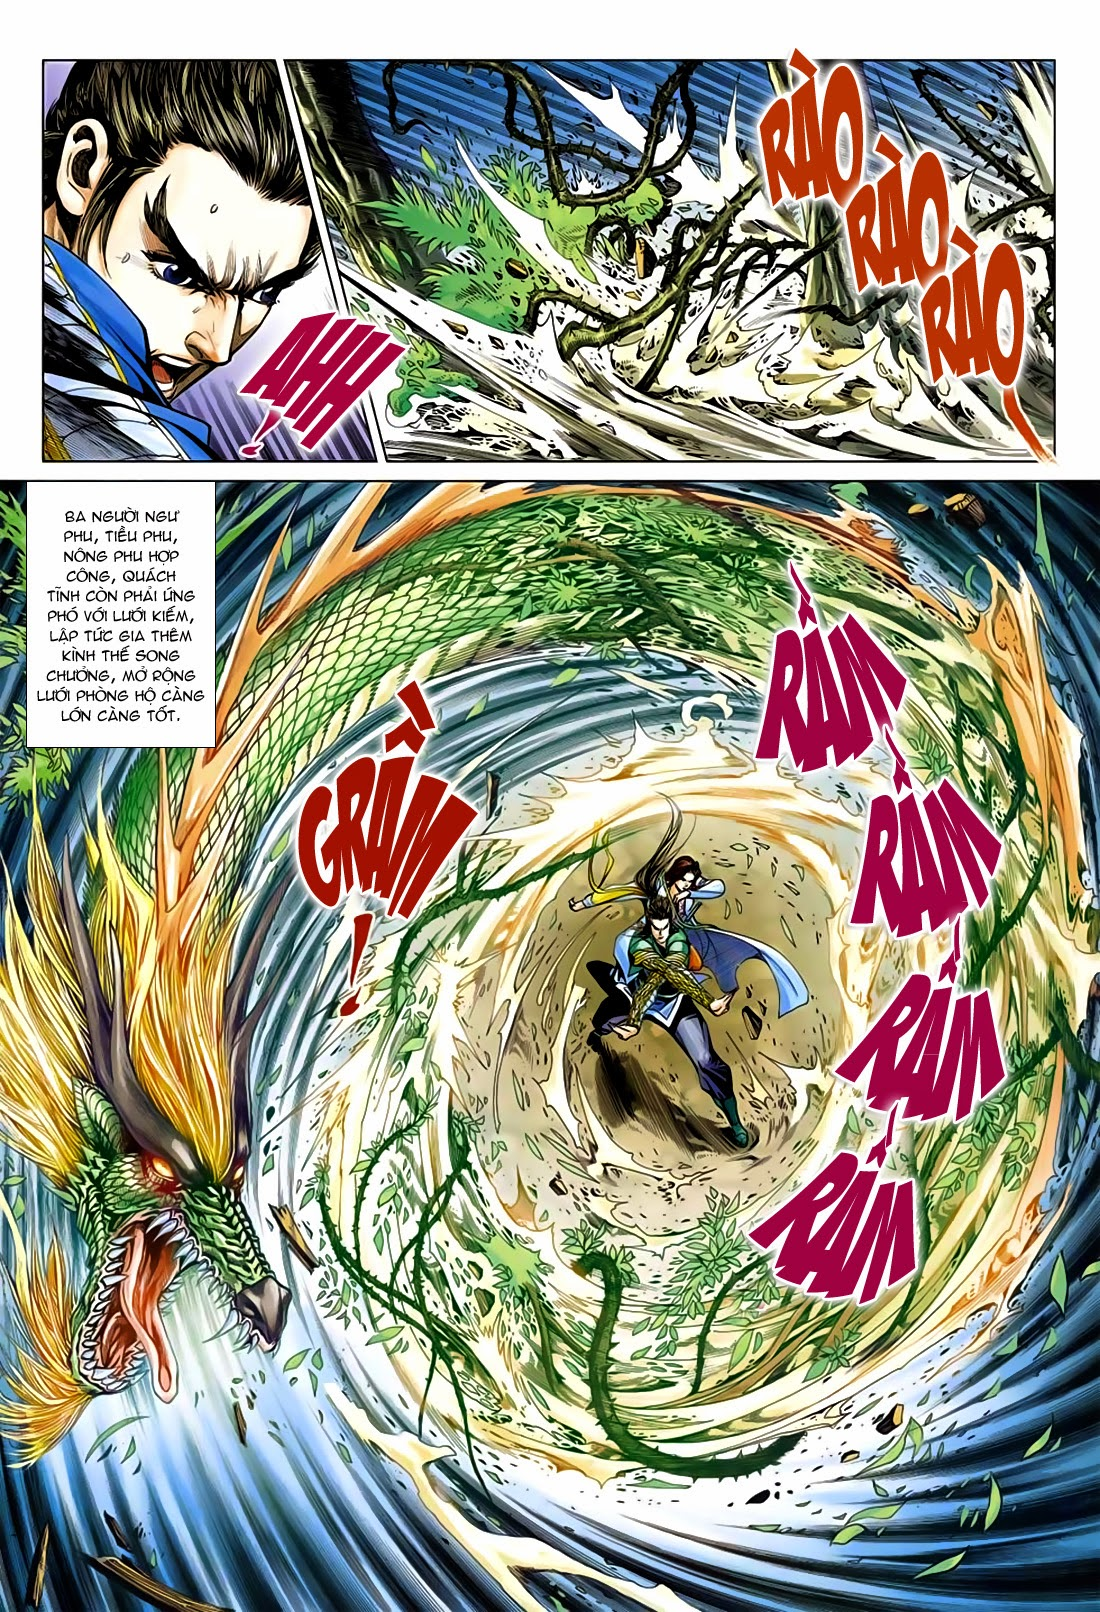 Anh Hùng Xạ Điêu anh hùng xạ đêu chap 75: hoàng thành cựu sự trang 3